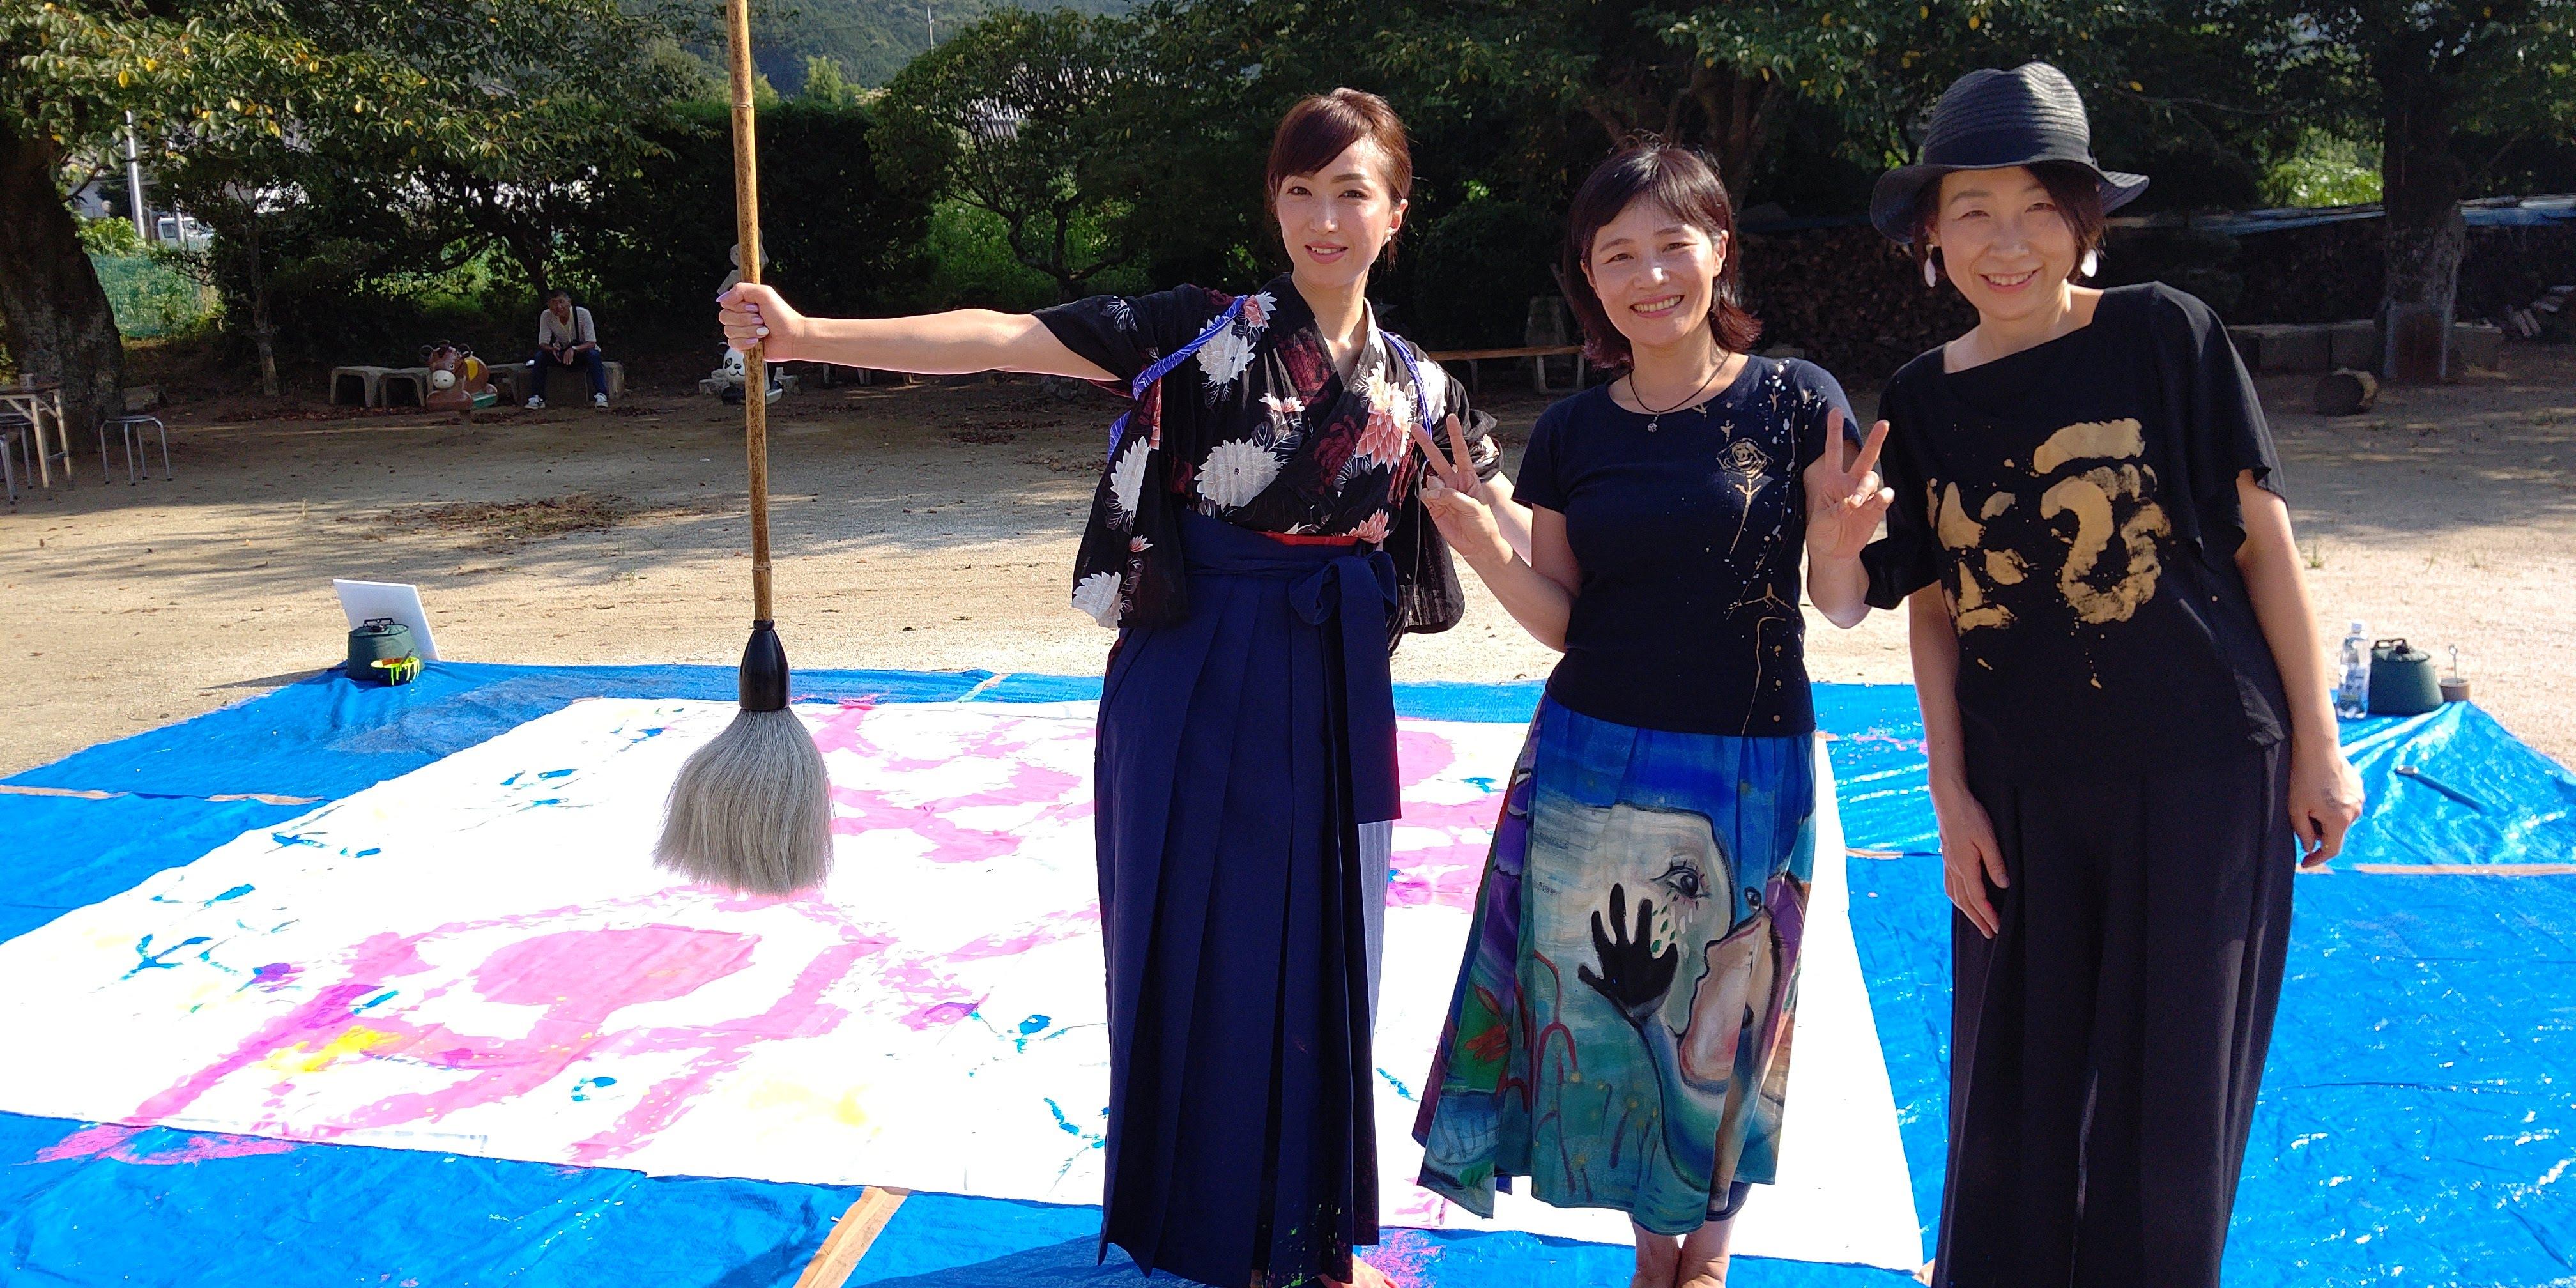 書道団体無限未来の書家、島田蒼月による書道パフォーマンスです。